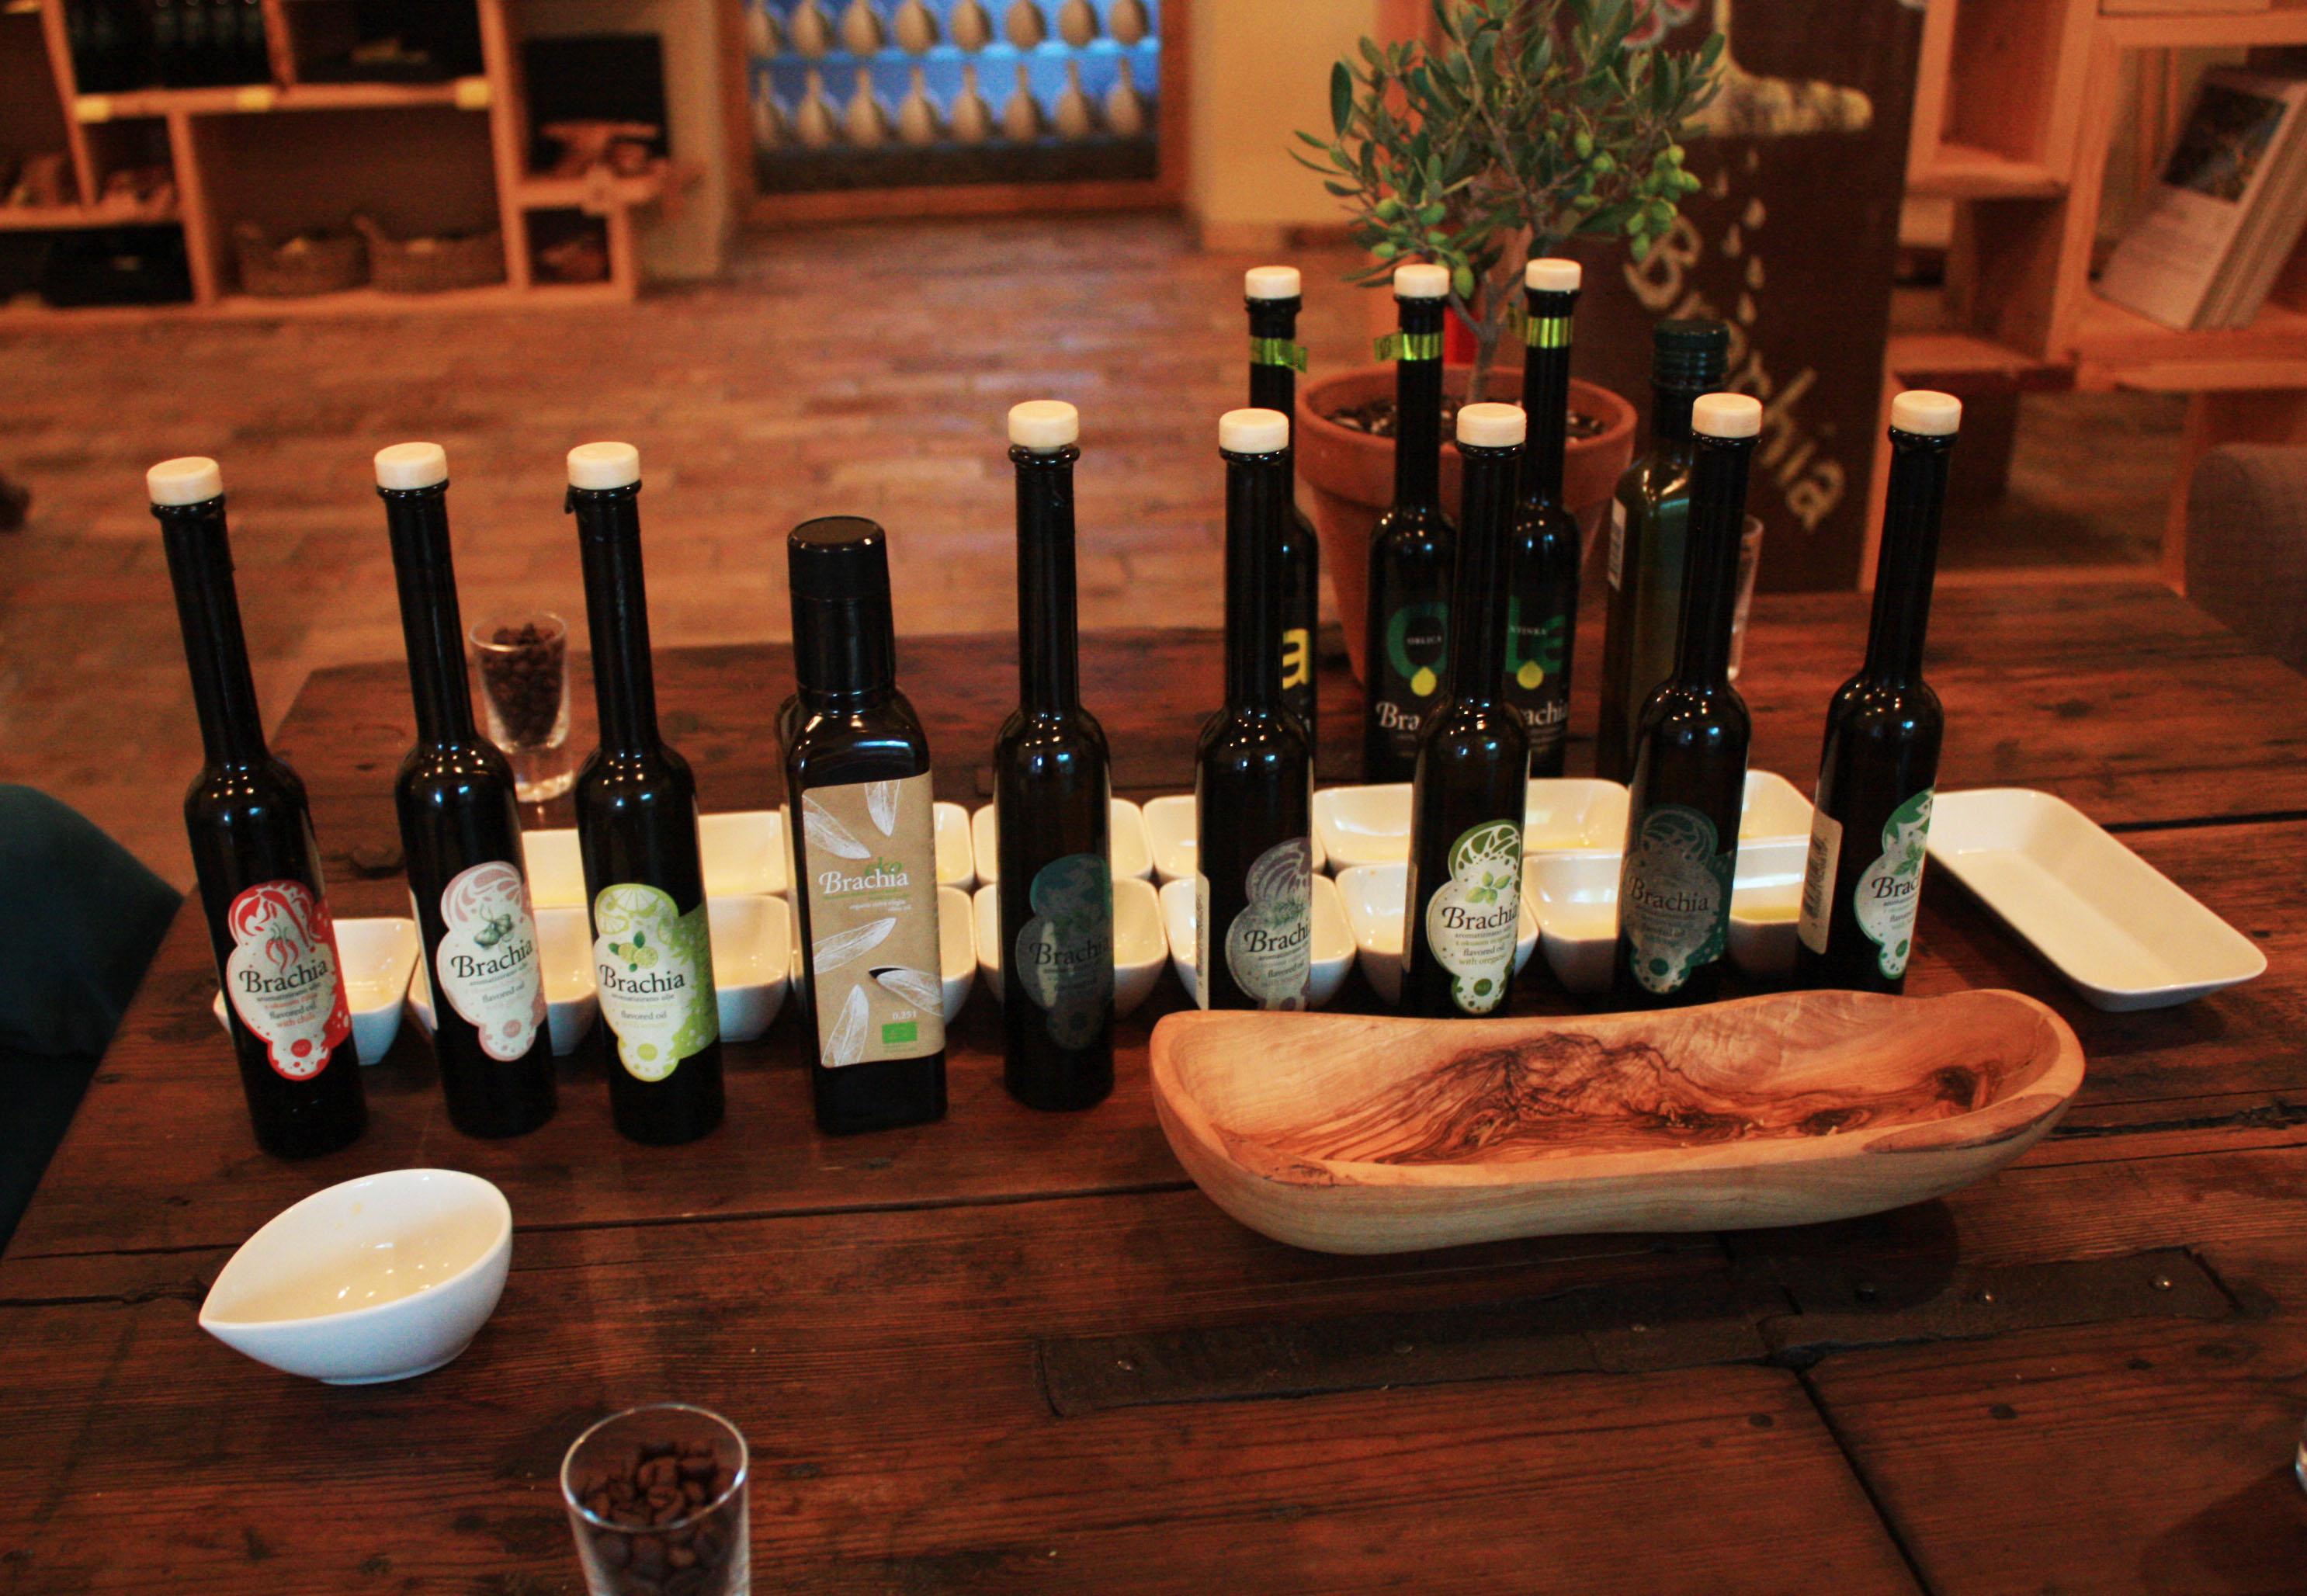 Olive oil tasting in Brachia